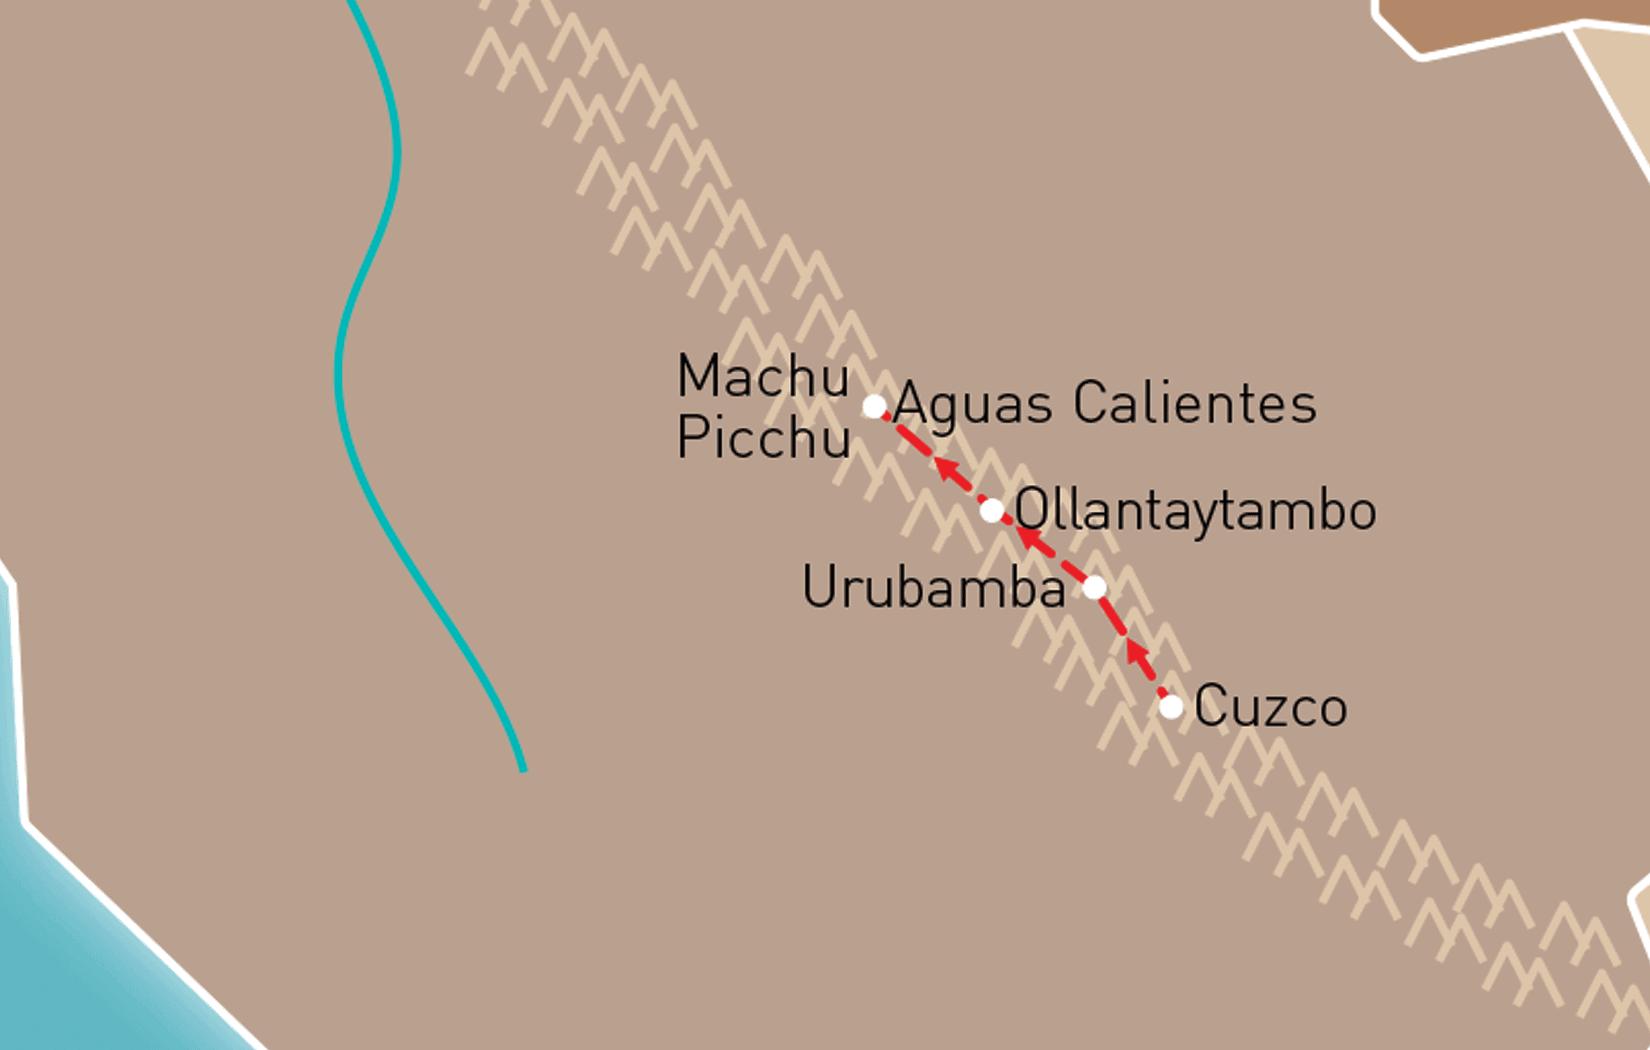 Cuzco & Machu Picchu Route Map